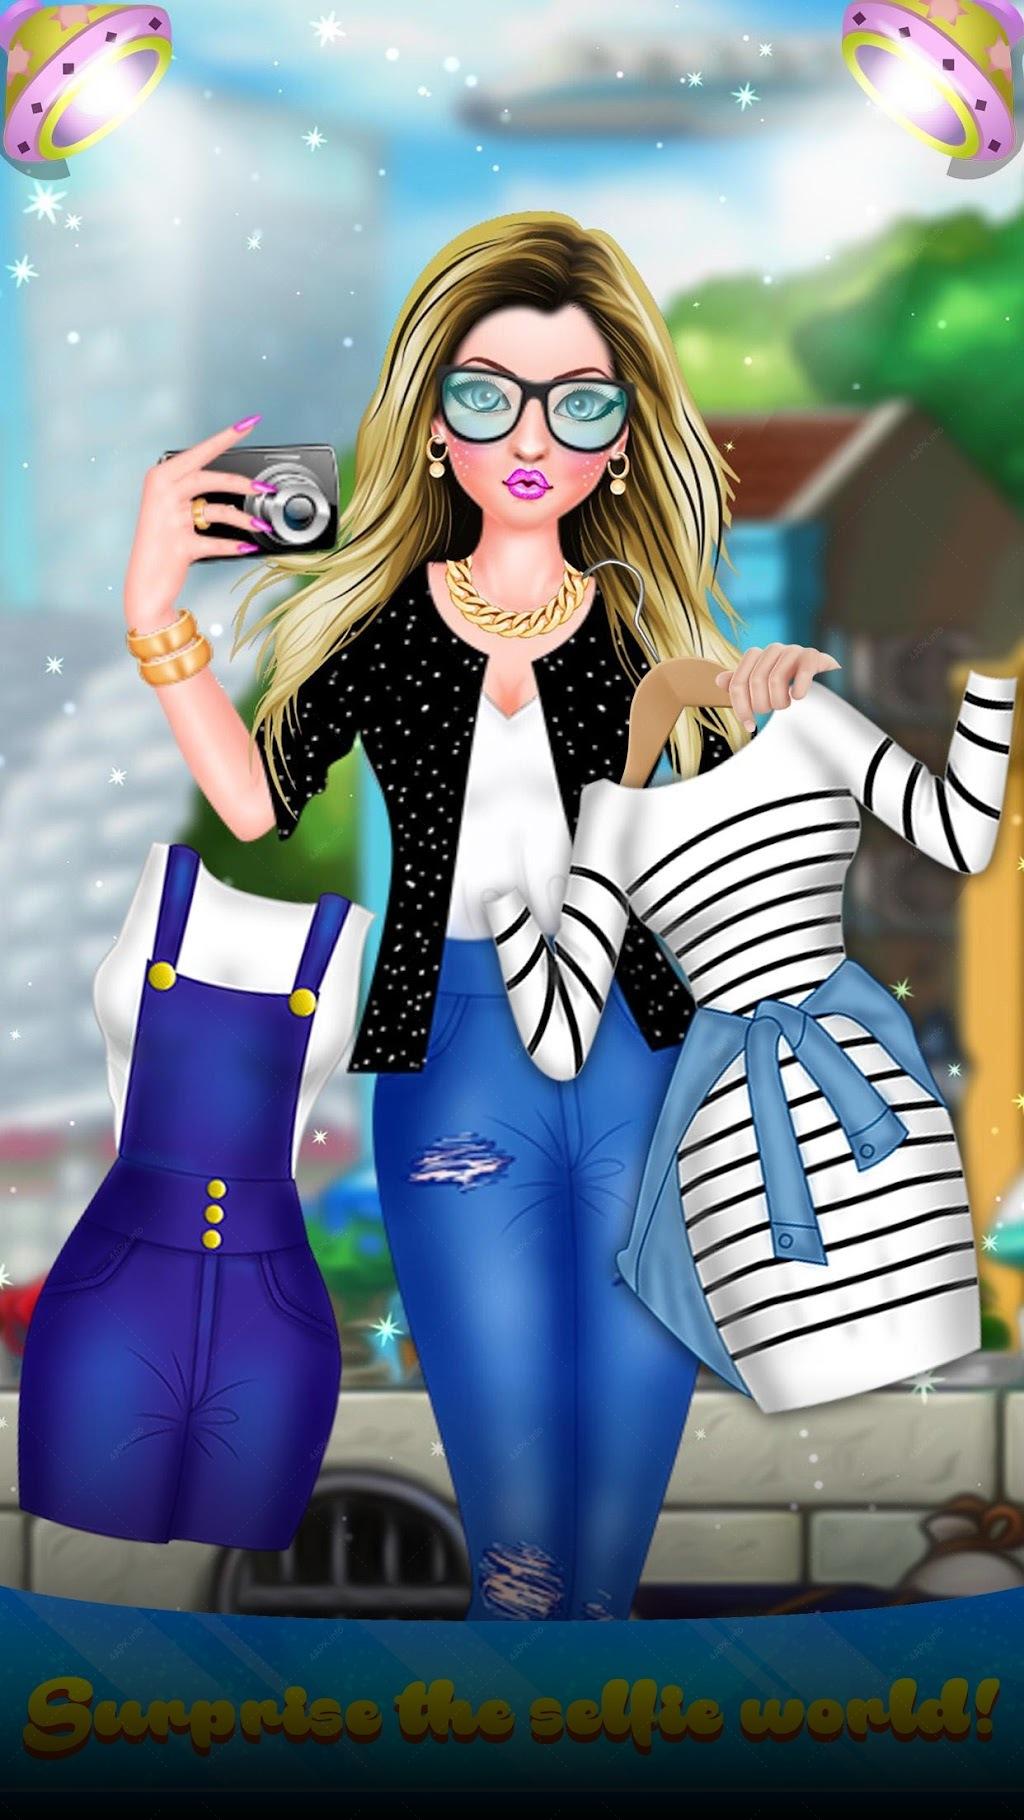 Pout Fashion Doll - Selfie Girl Beauty Salon screenshot